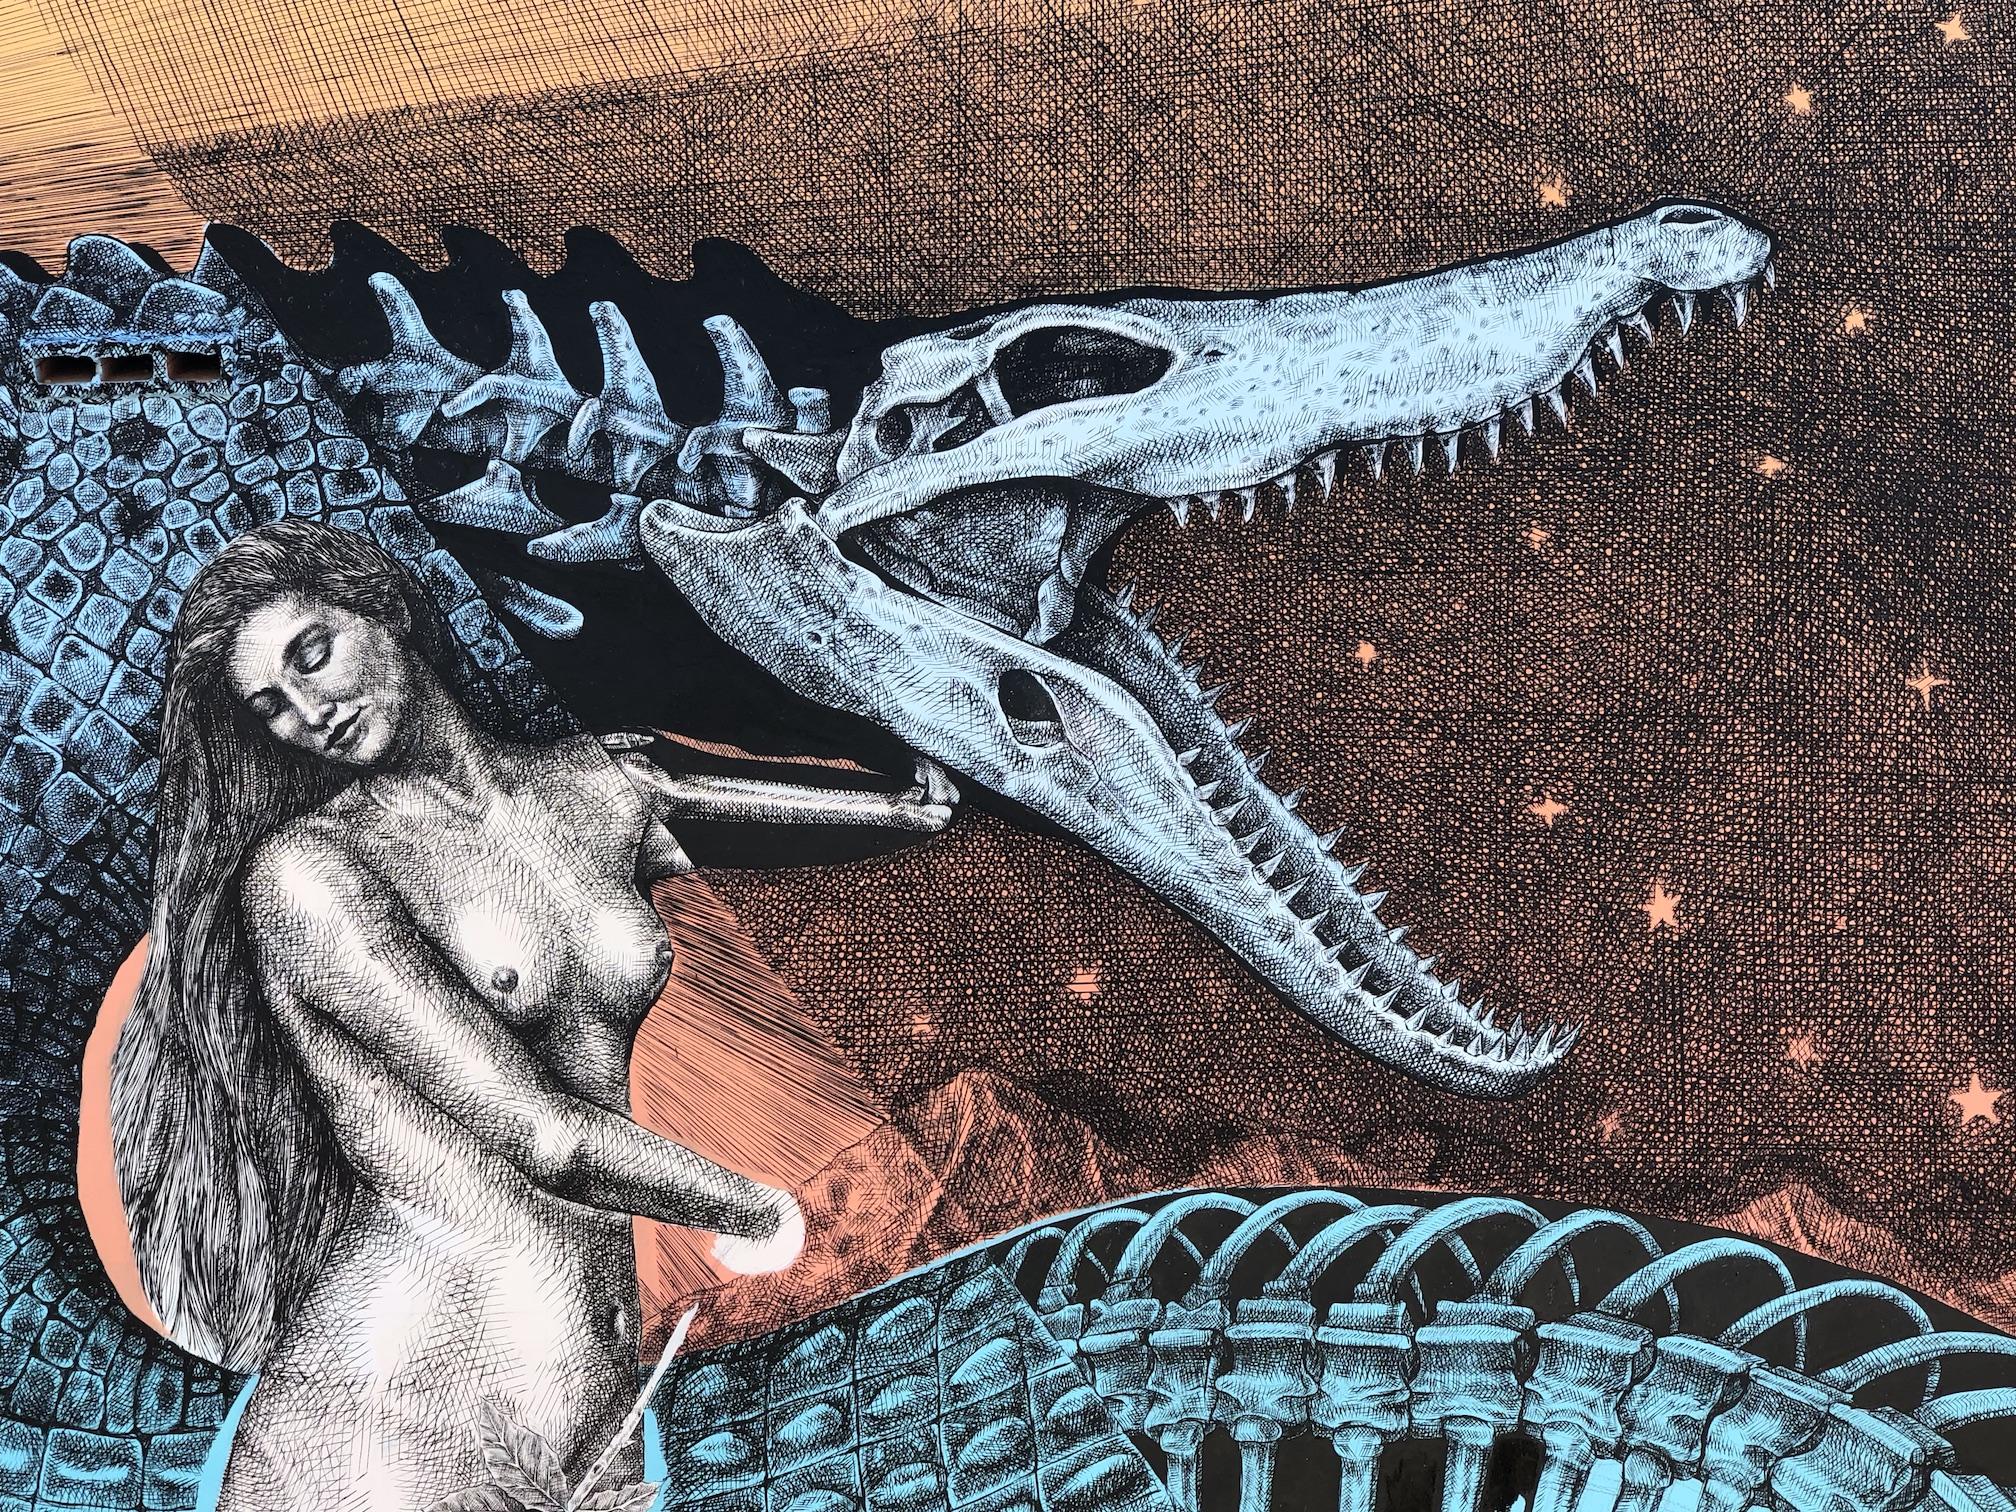 """""""Lilith"""" by Alexis Diaz in Wynwood, Miami Artes & contextos Lilith by Alexis Diaz in Wynwood Miami3"""